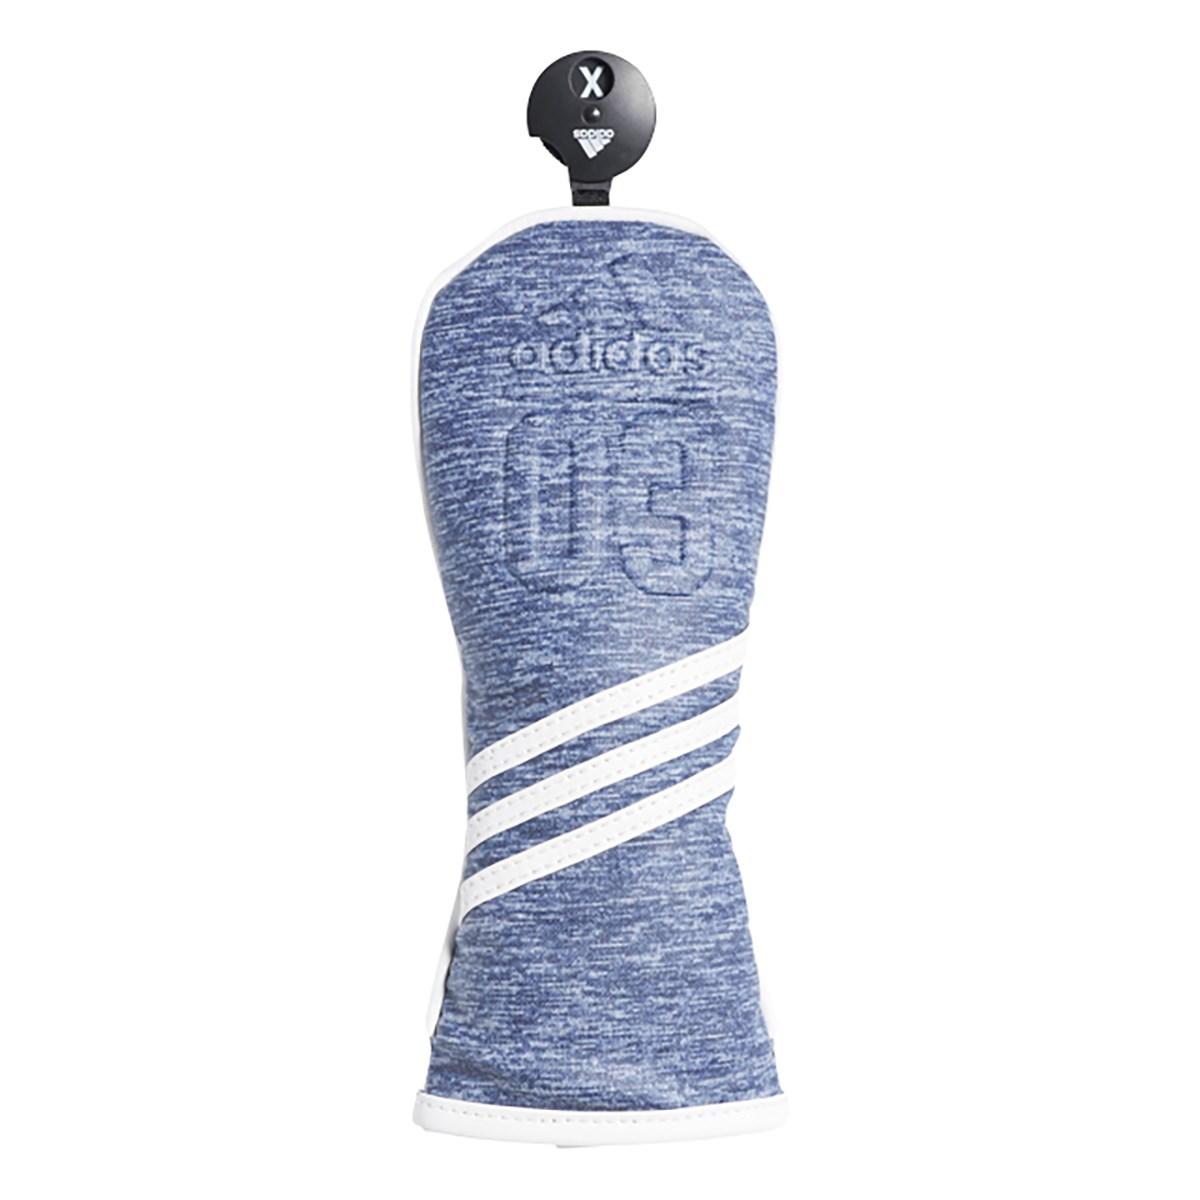 アディダス adidas ヘザーヘッドカバー UT用 ネイビー メンズ ゴルフ